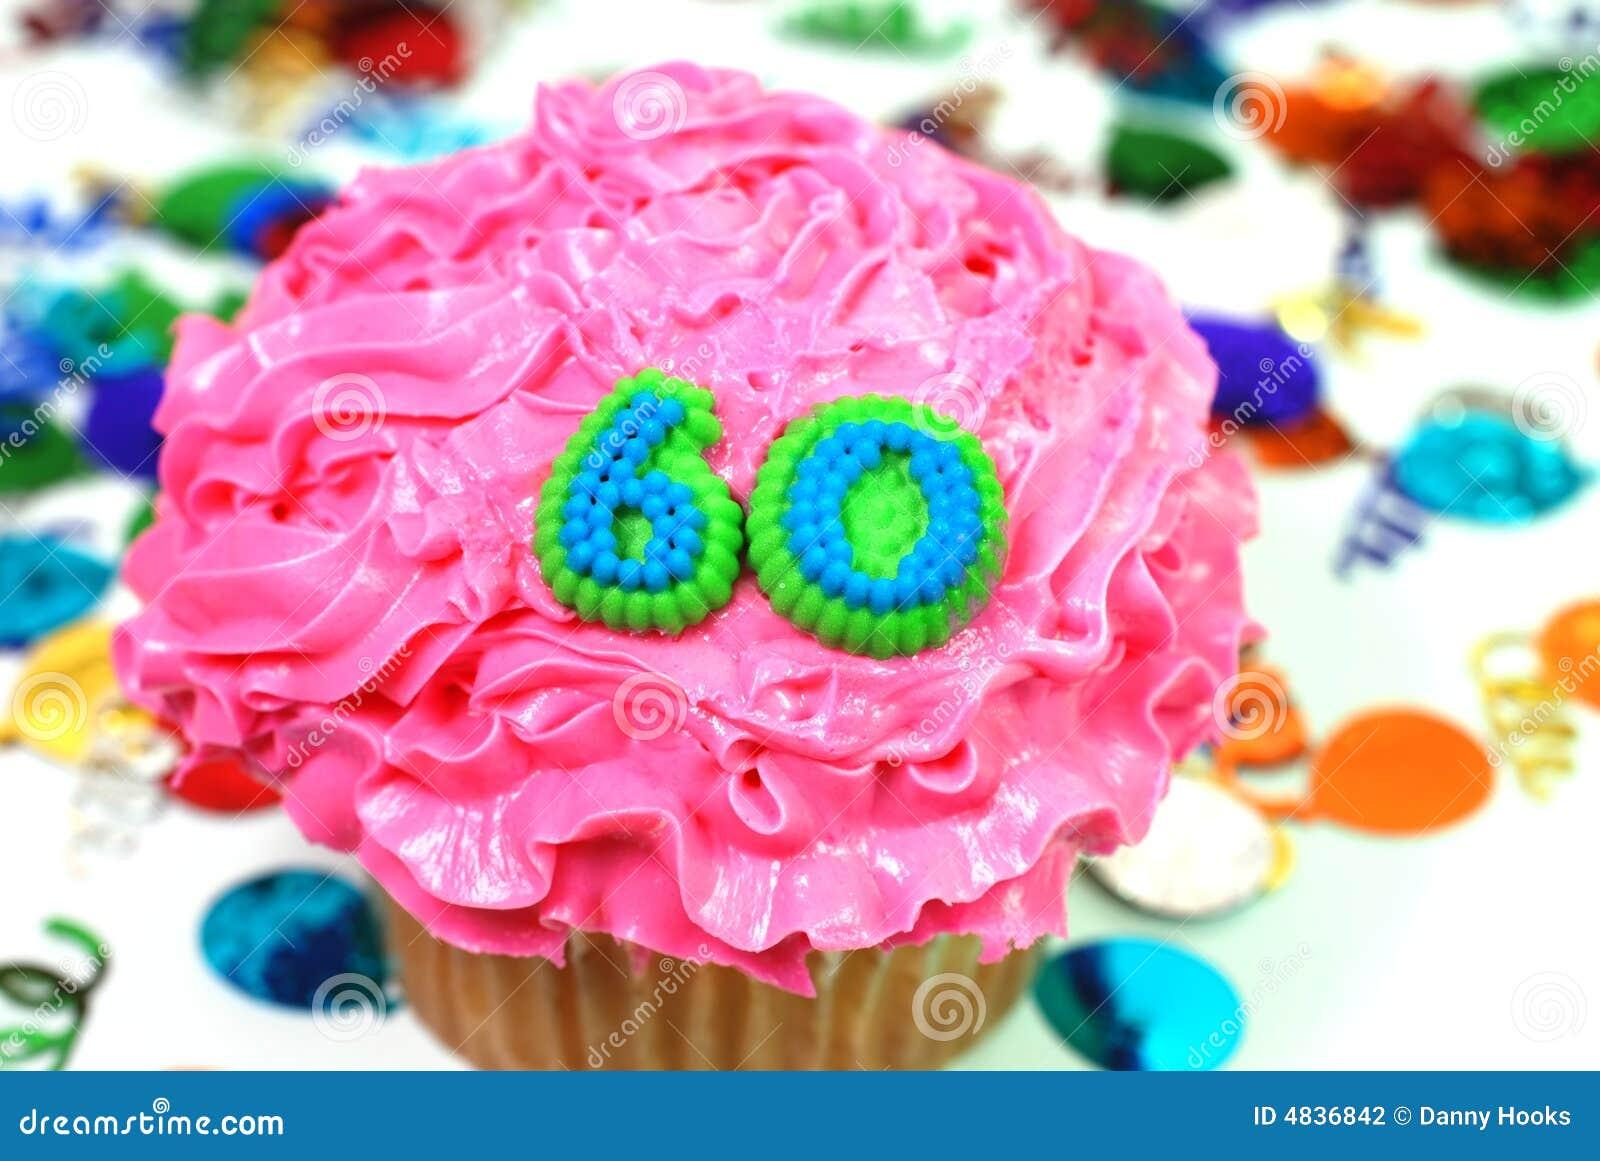 Celebration Cupcake Number 60 Stock Photo Image 4836842